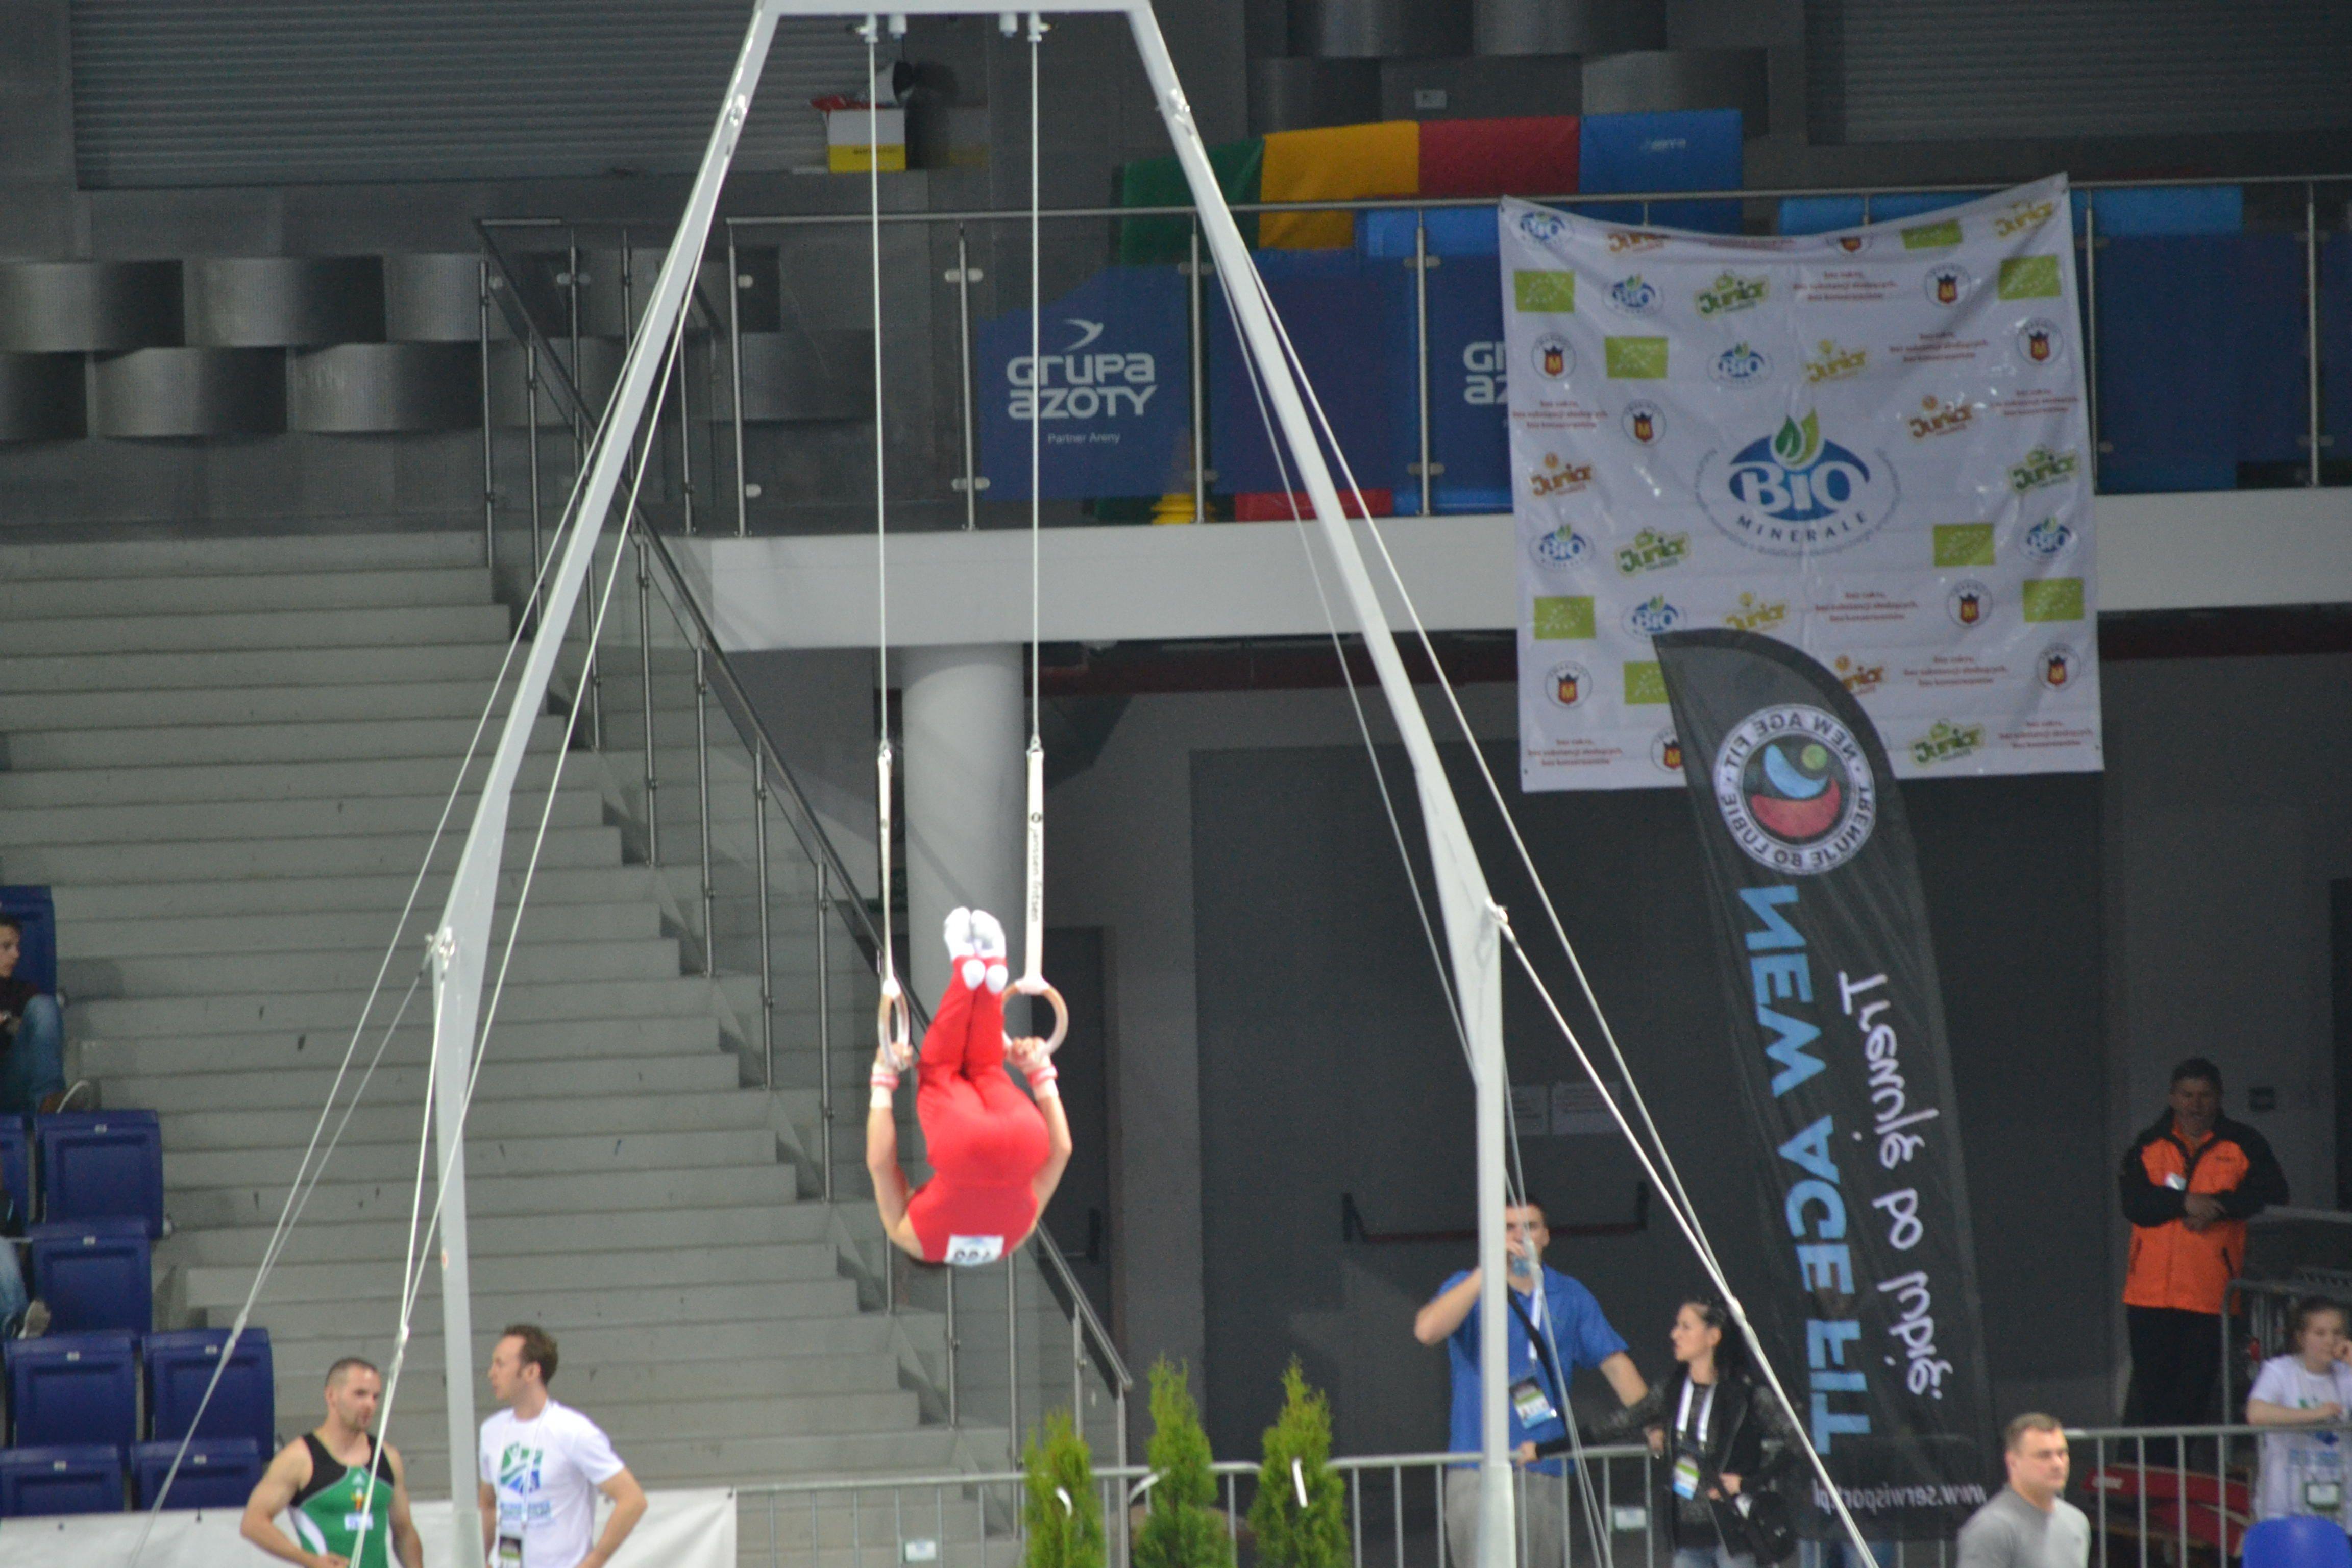 Międzynarodowe Mistrzostwa Polski w gimnastyce sportowej. Weekend pełen emocji i bardzo udane Mistrzostwa z BioMinerale Junior.